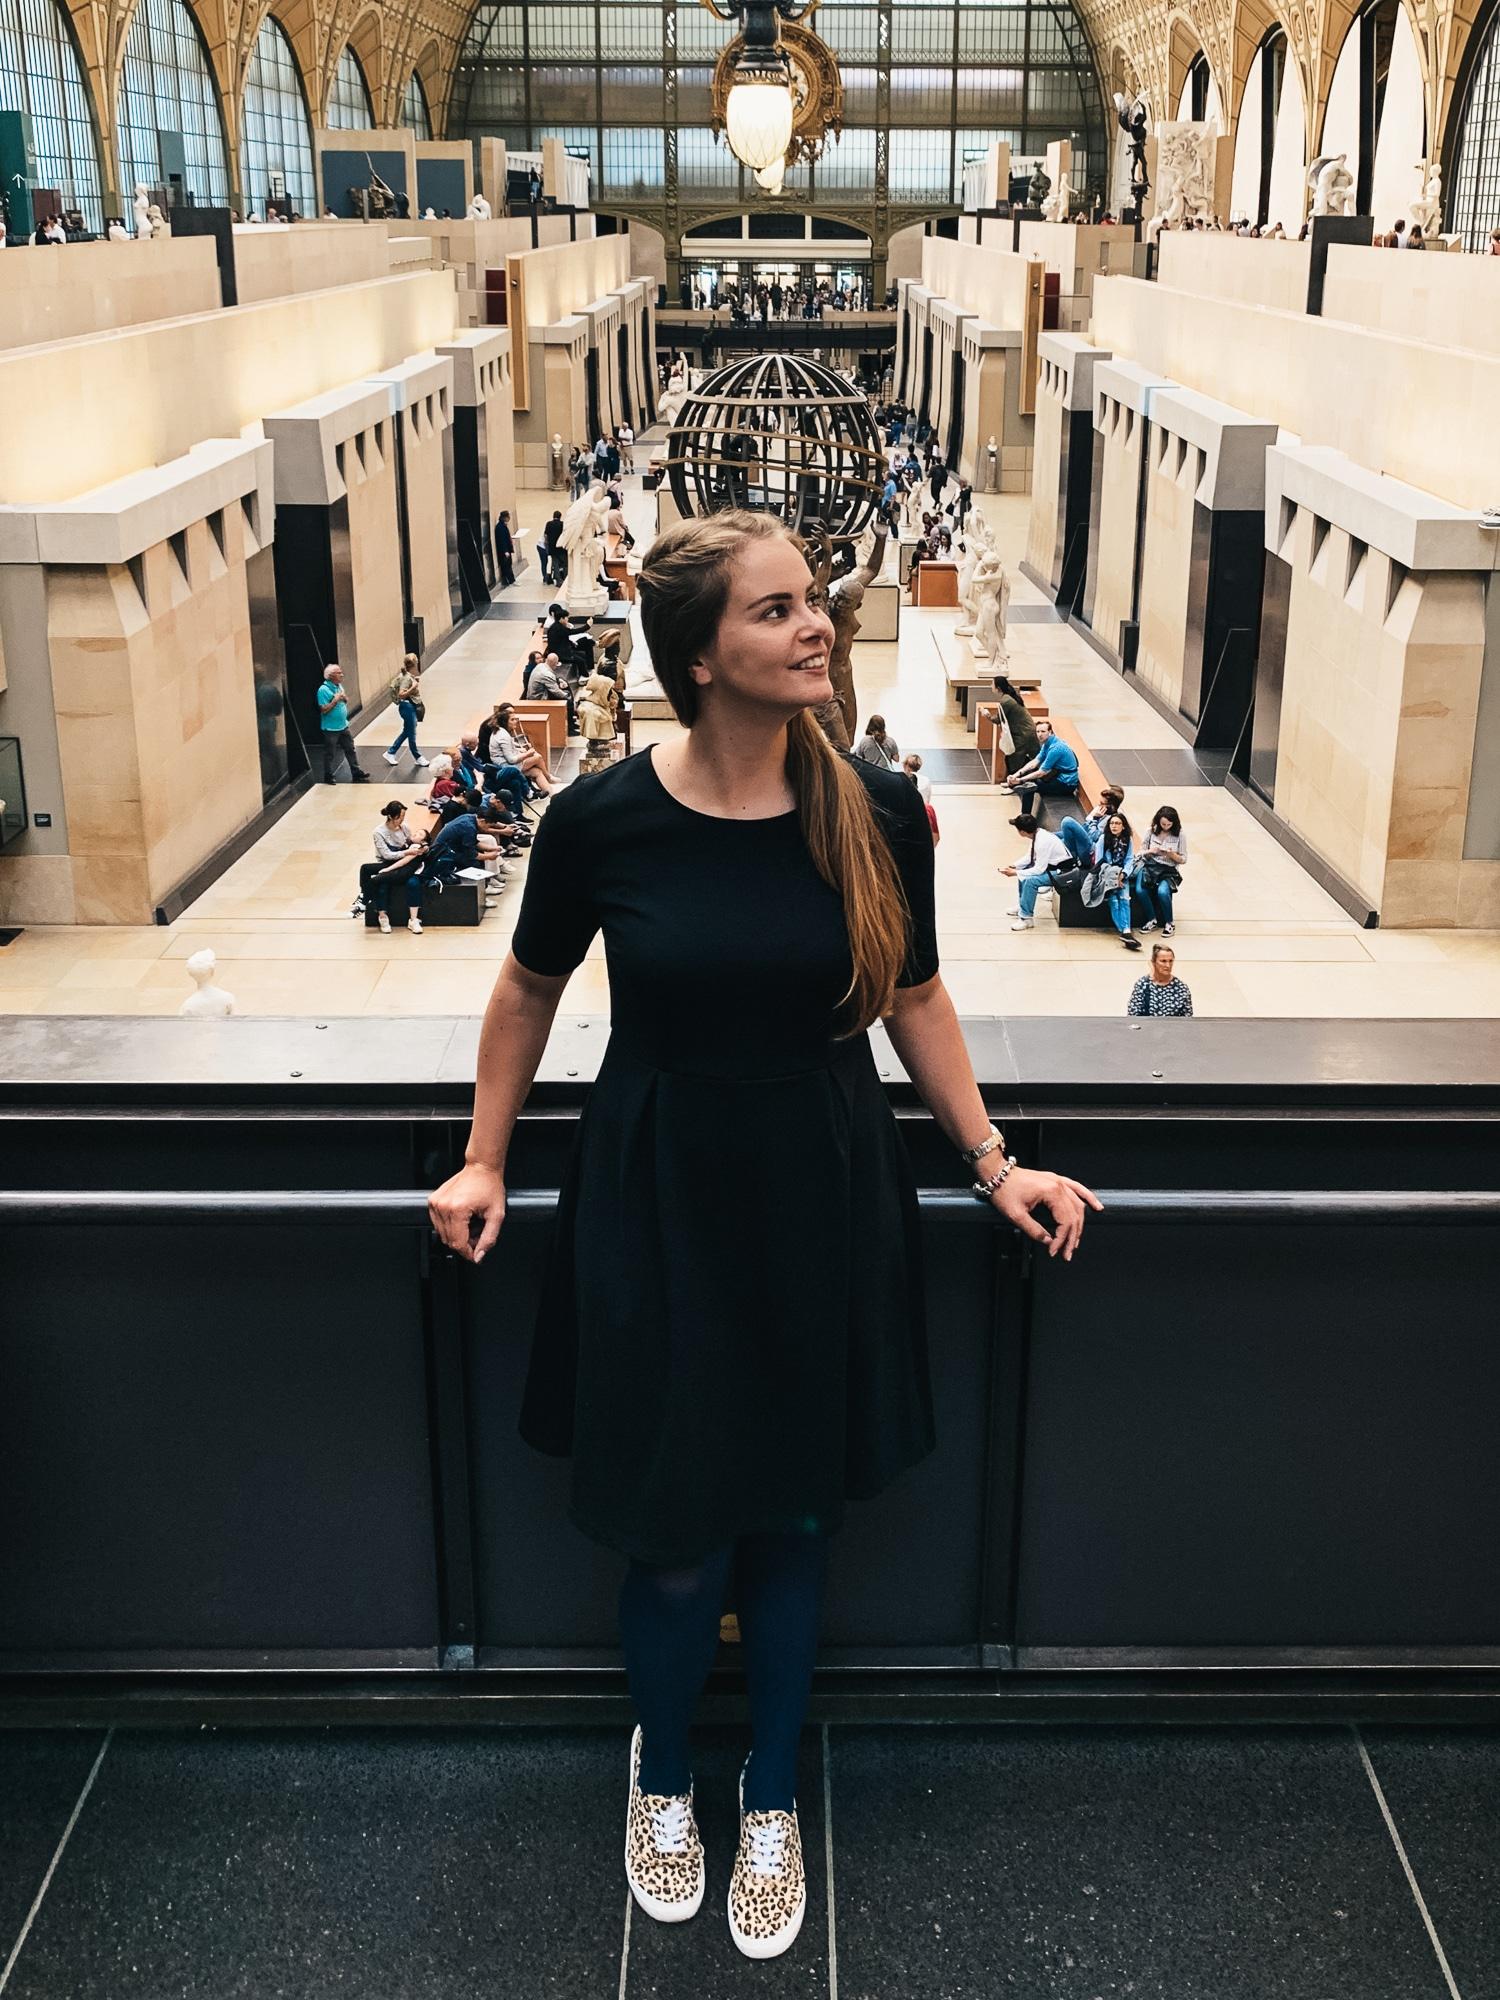 Schönste Fotospots in Paris - und meine liebsten Instagram Hotspots - Louvre Museum Liberte die Freiheit führt das Volk